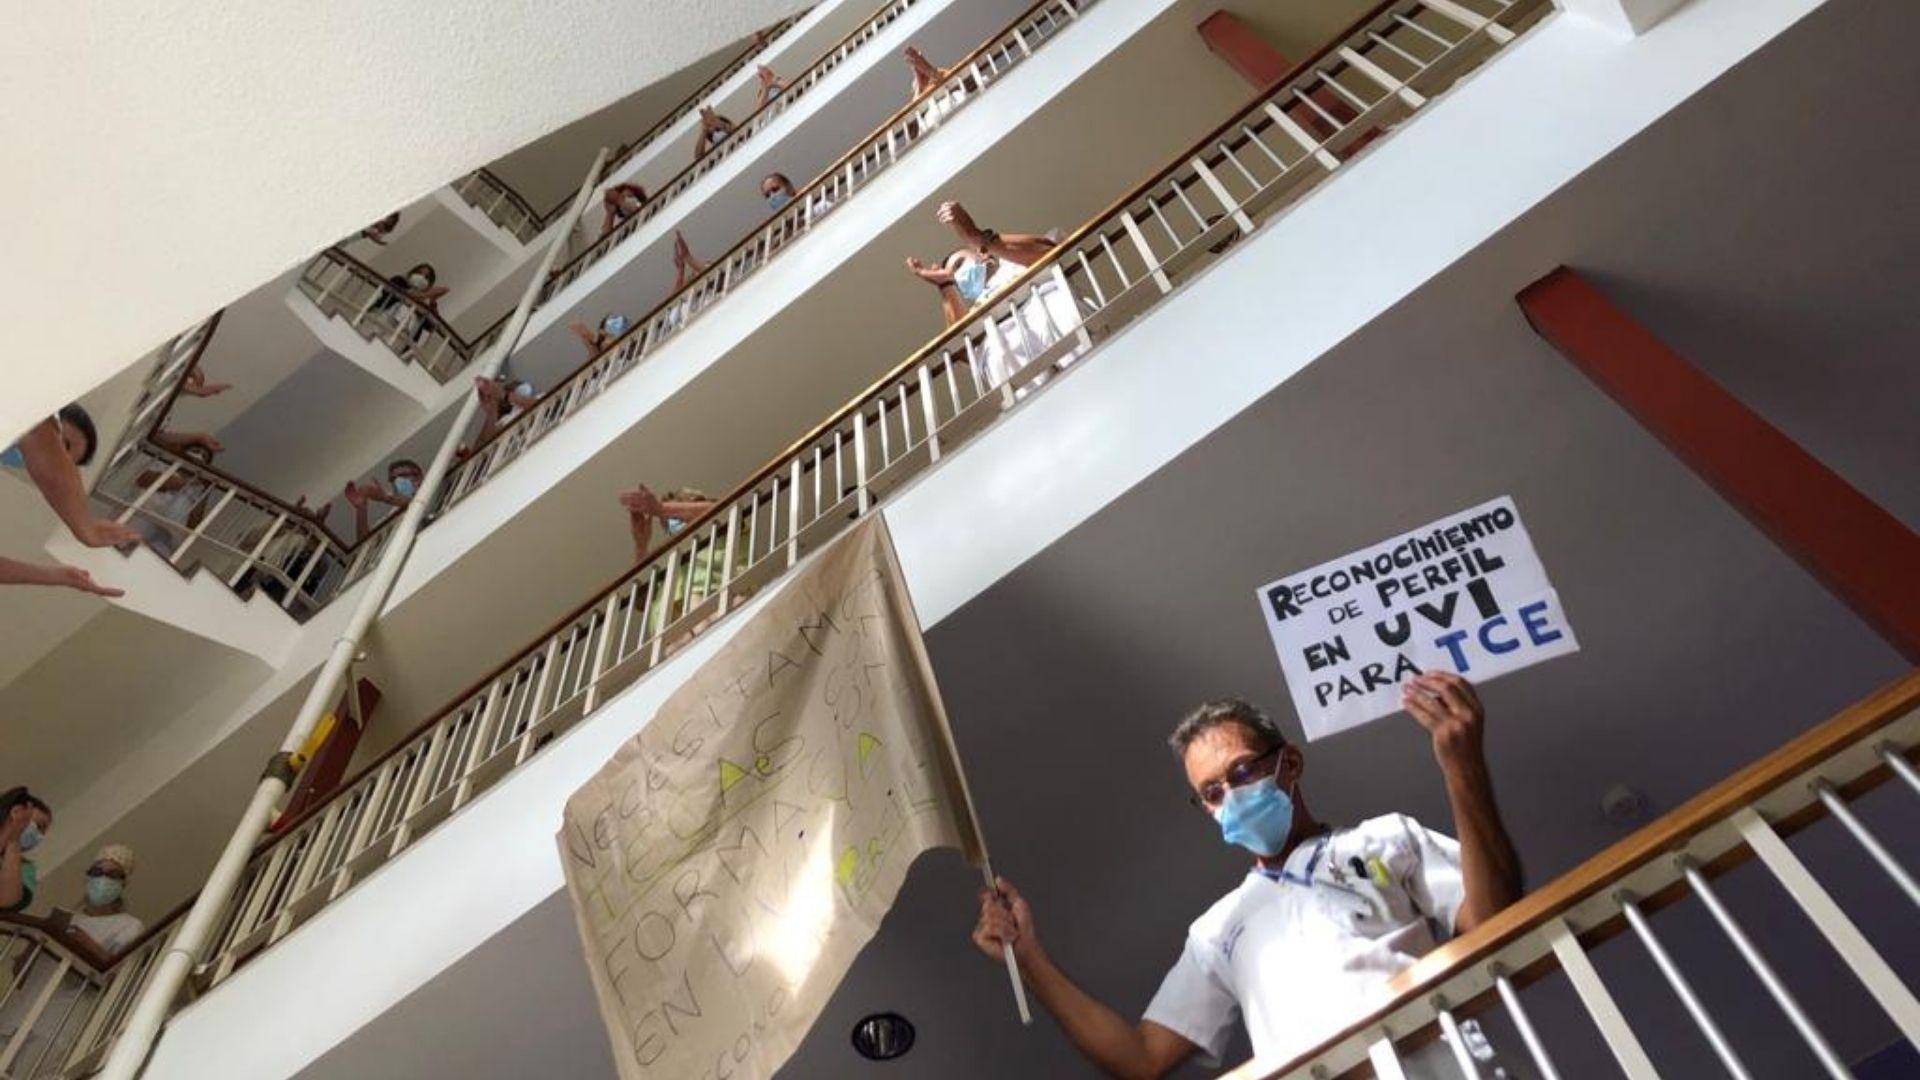 La protesta de los trabajadores del hospital de Cabueñes.Efectivos de la Unidad Militar de Emergencias UME, durante las labores de desinfección del hospital de Cabueñes de Gijón realizadas durante la primera ola de la pandemia. ARCHIVO